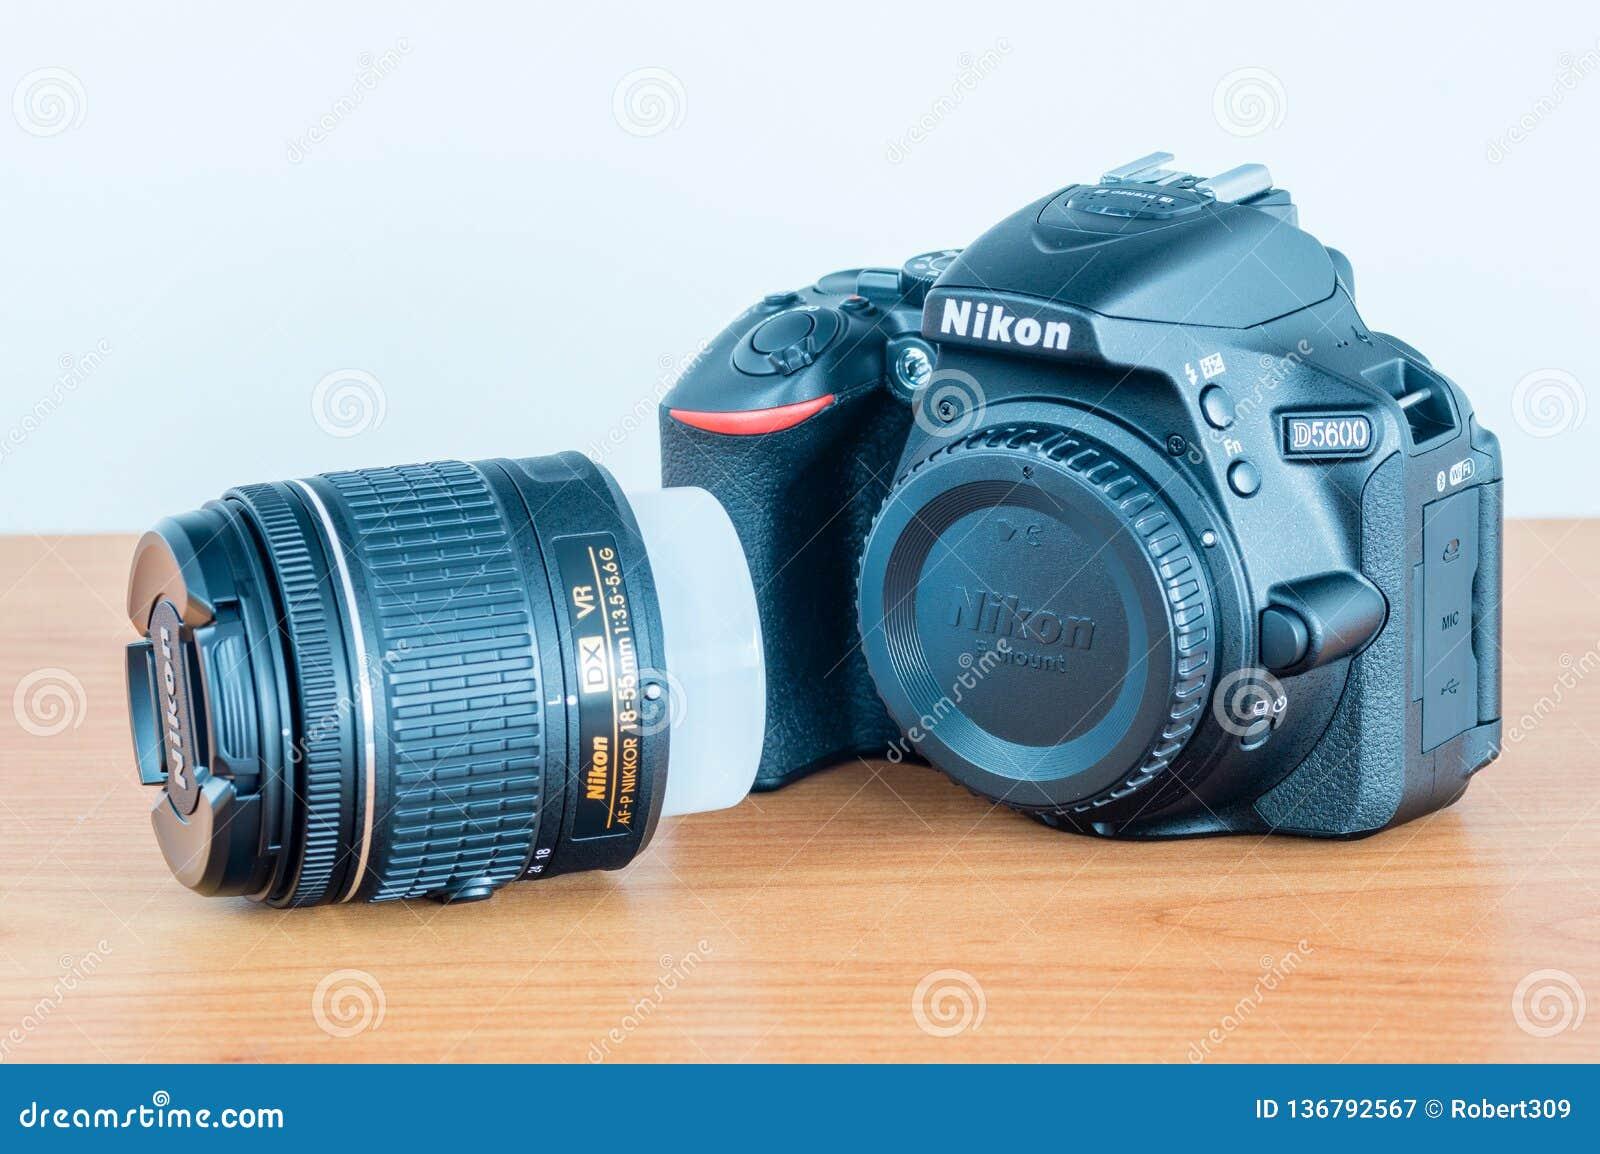 Nikon D5600 DSLR Photo Camera And AF-P DX Nikkor 18-55mm F